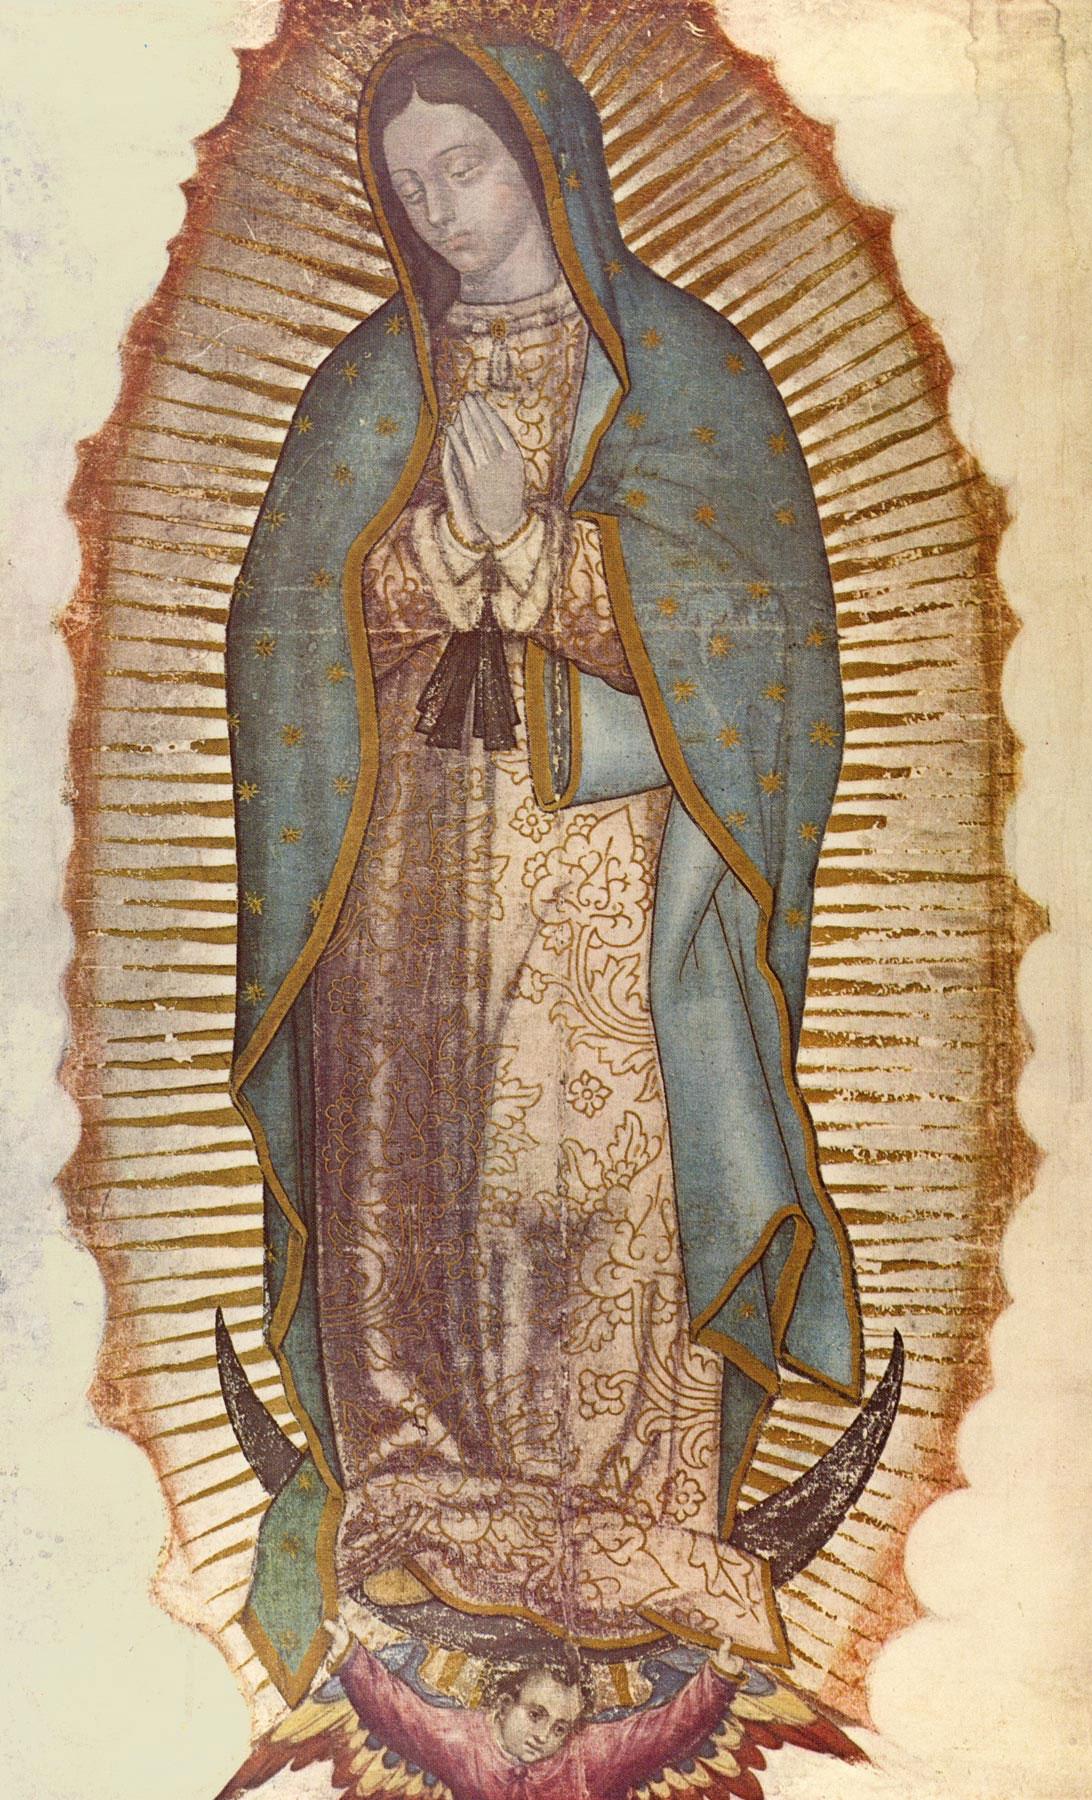 Fieles desafían frío en Chicago para rendir homenaje a la Virgen de Guadalupe